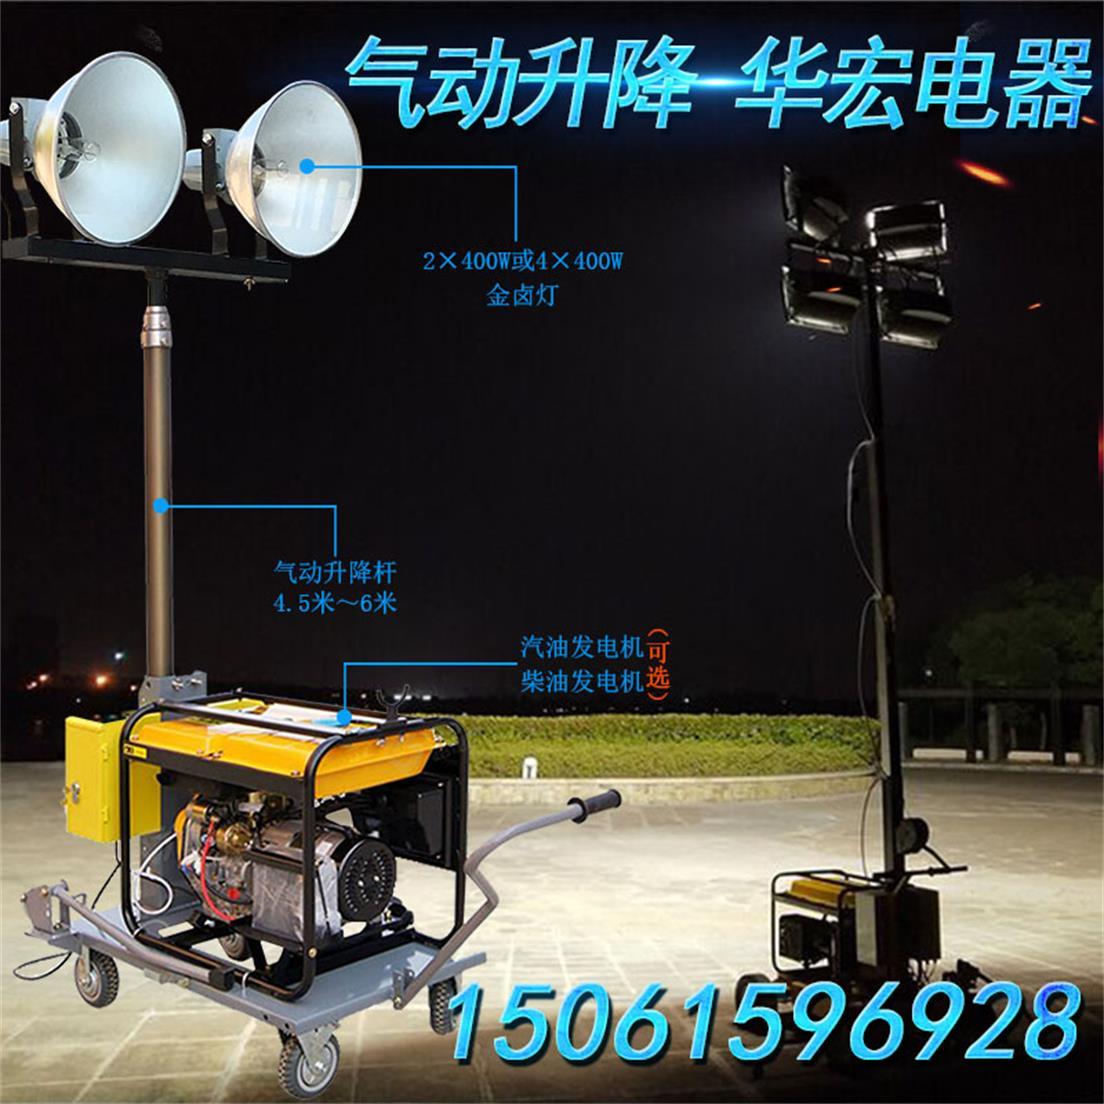 遙控升降移動照明氣桿自動升降1KW金鹵燈13小時升降工作燈塔